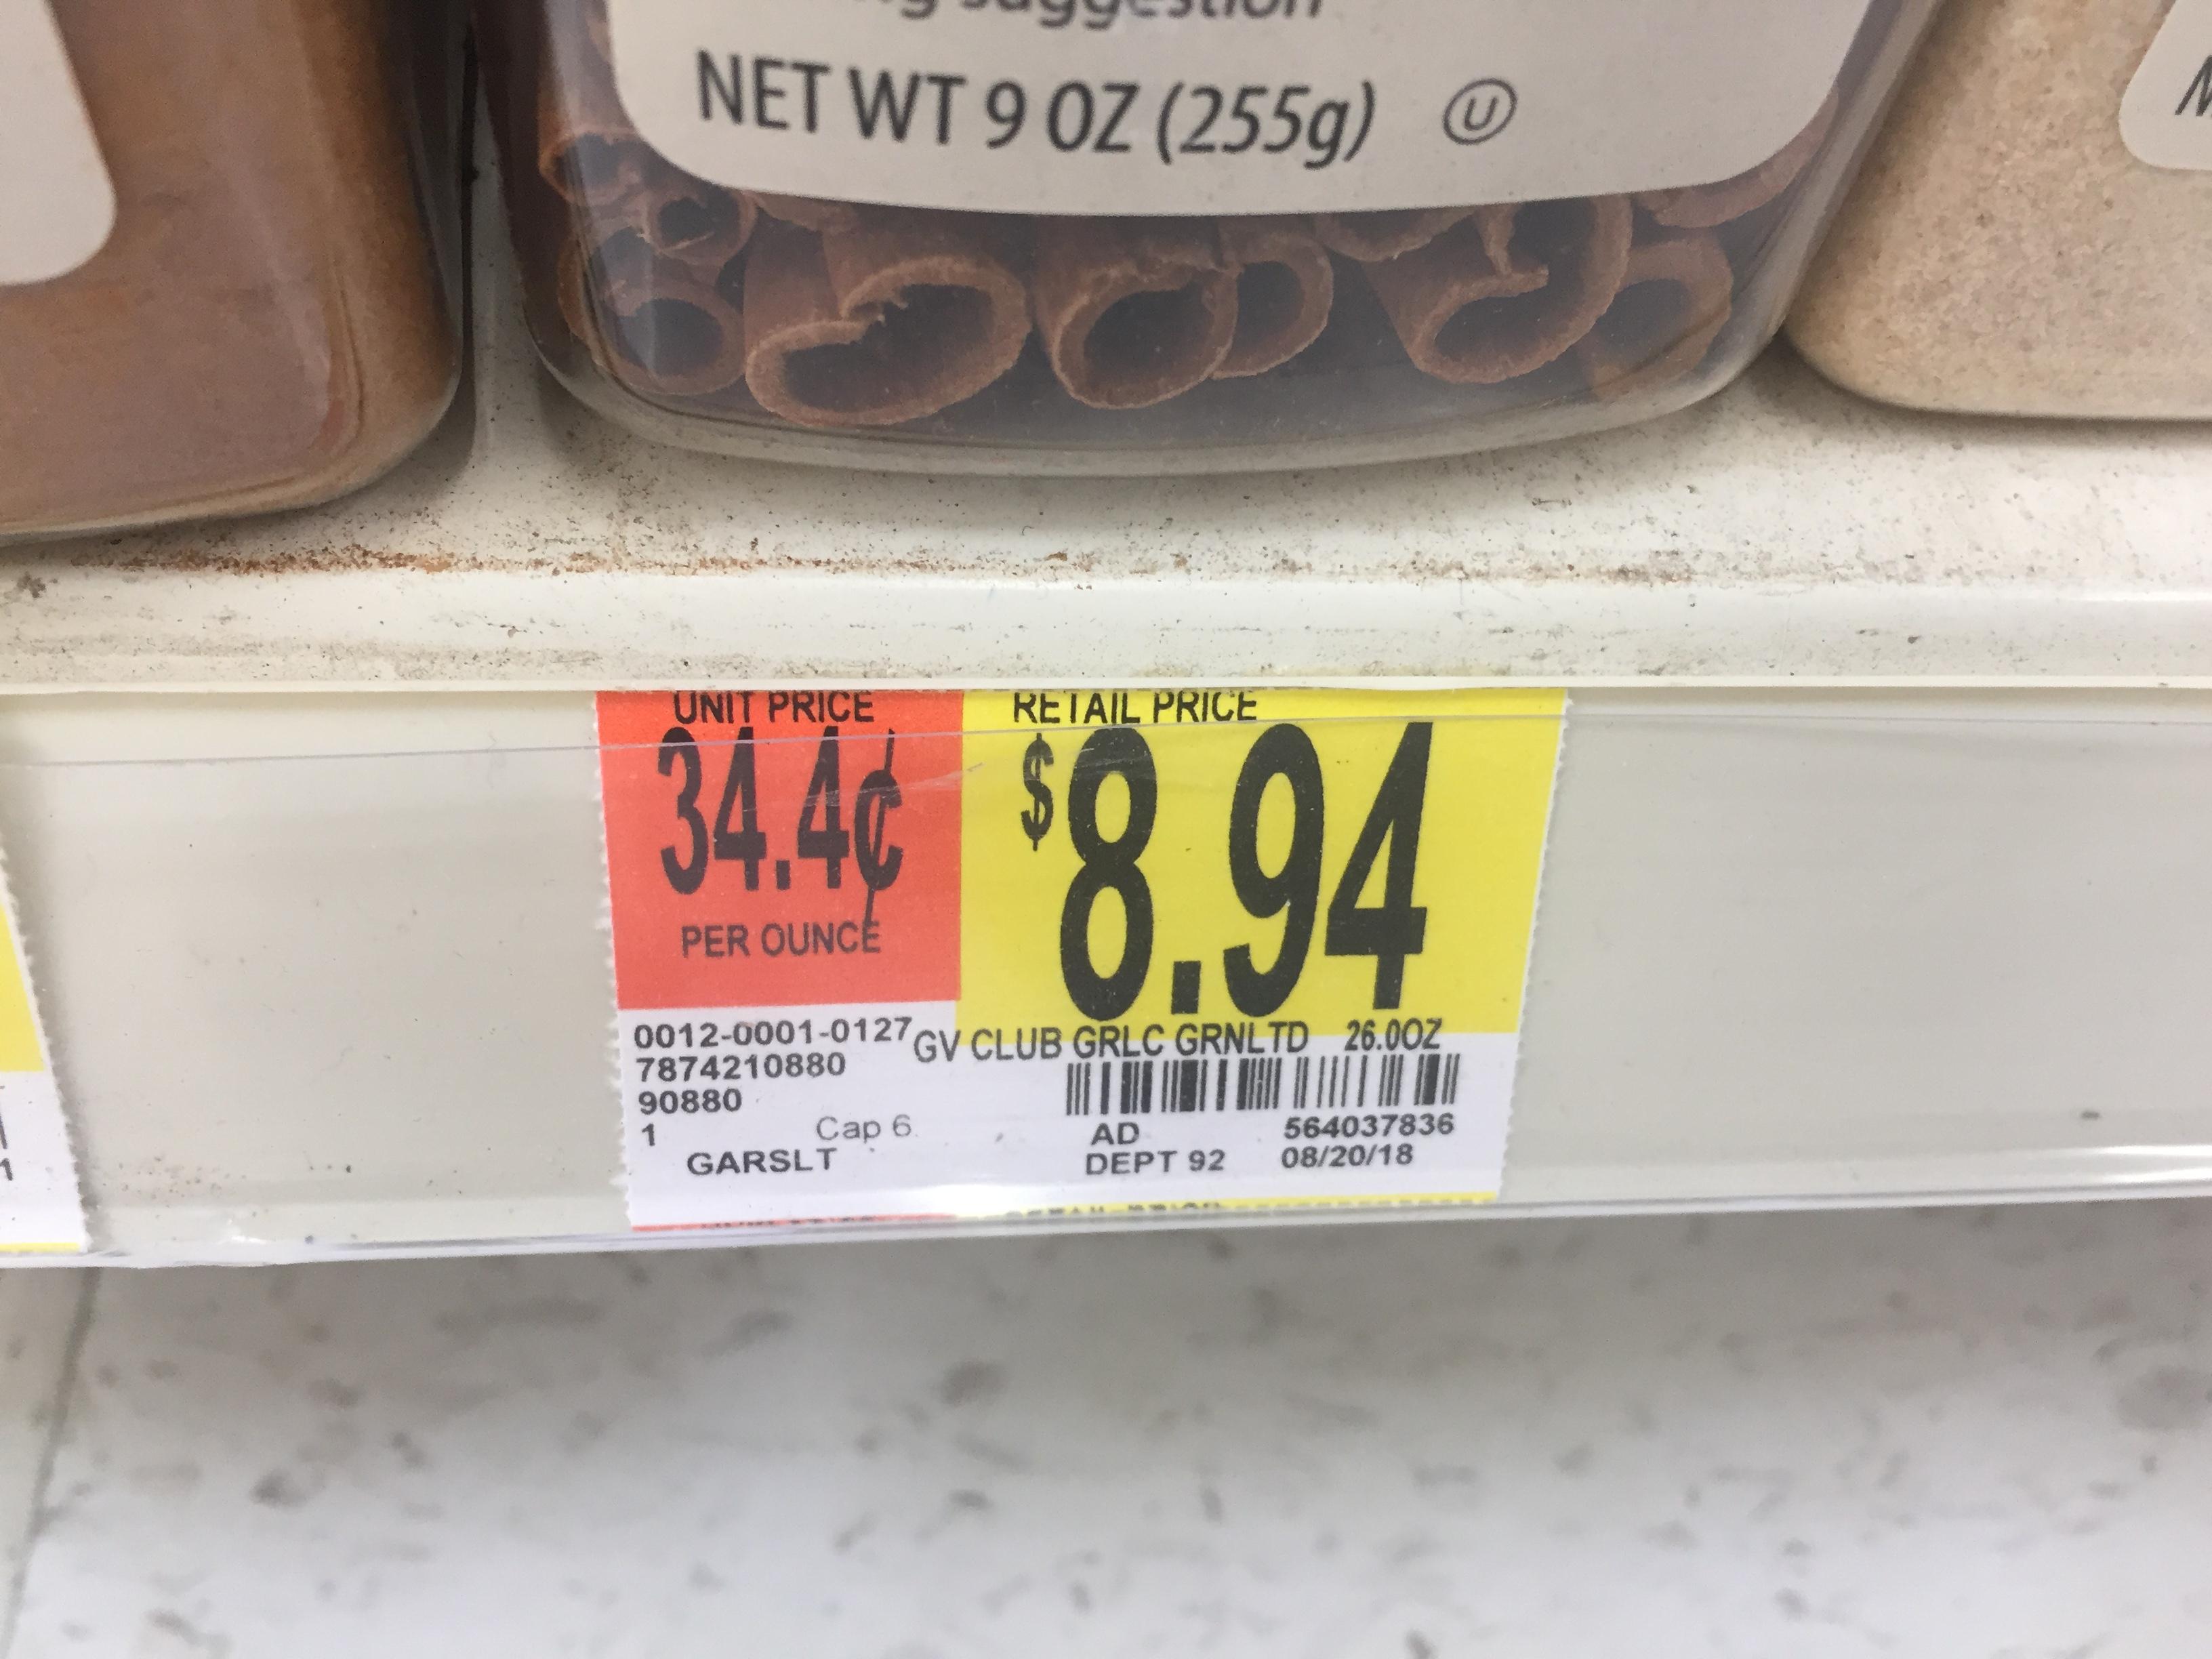 Garlic Powder - Buying per Ounce